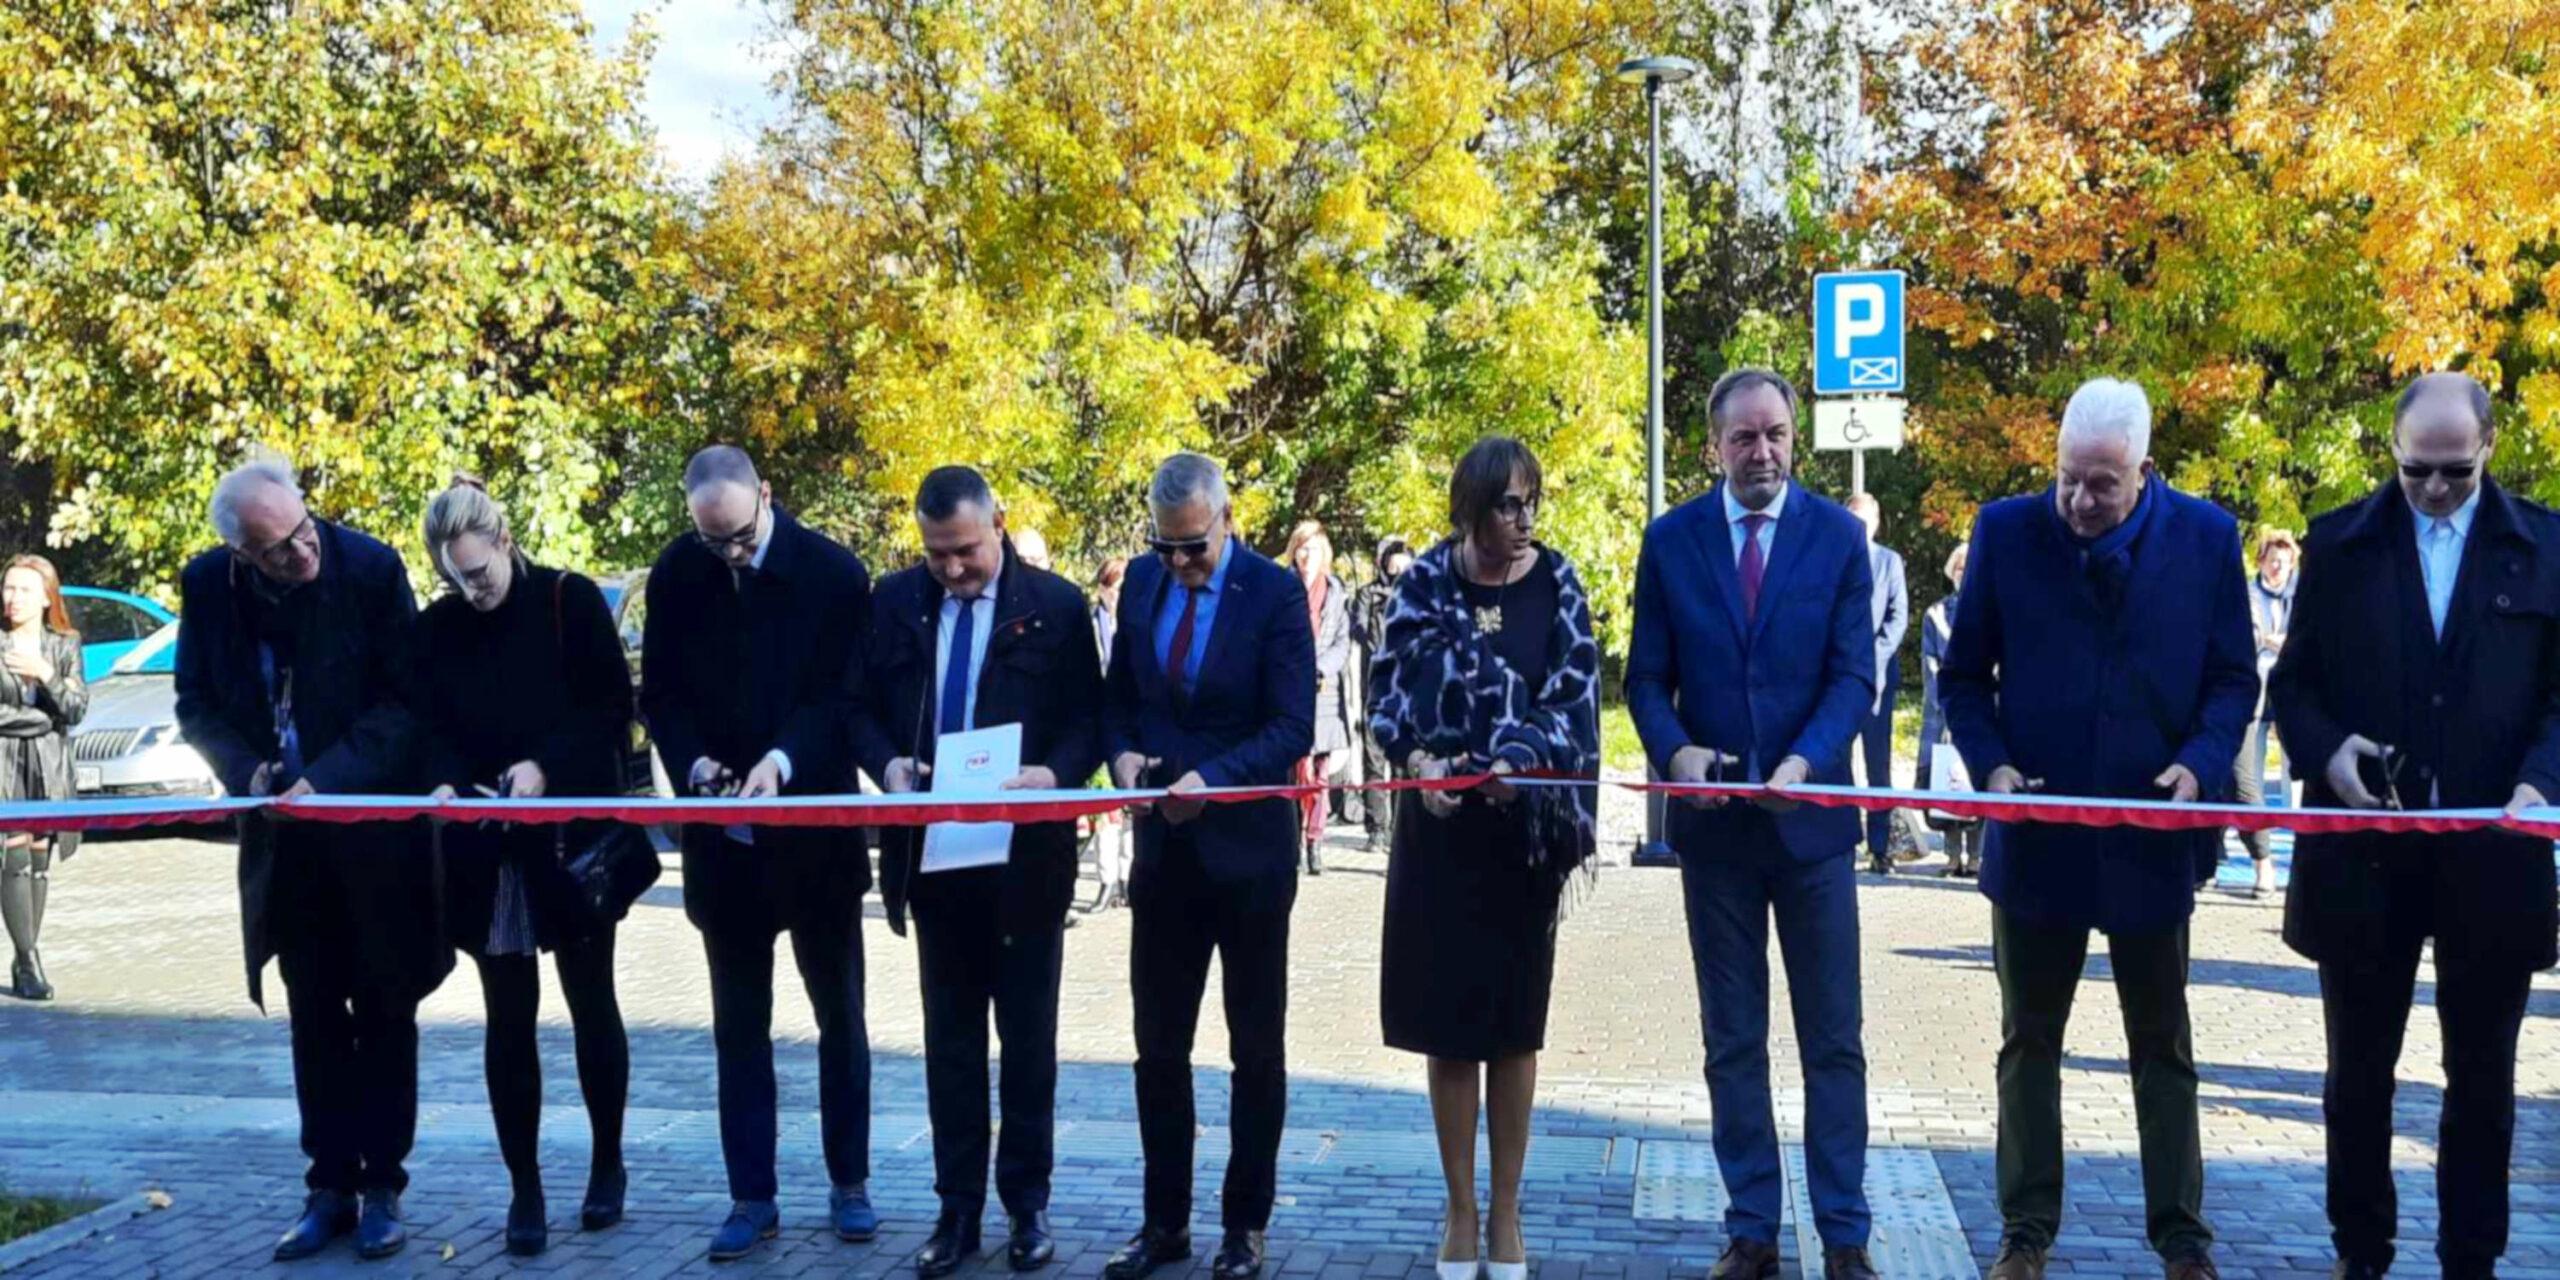 Pracownia hydromasażu, aula i unity. Co zmieniło się w szkole policealnej przy Hallera w Gdańsku?